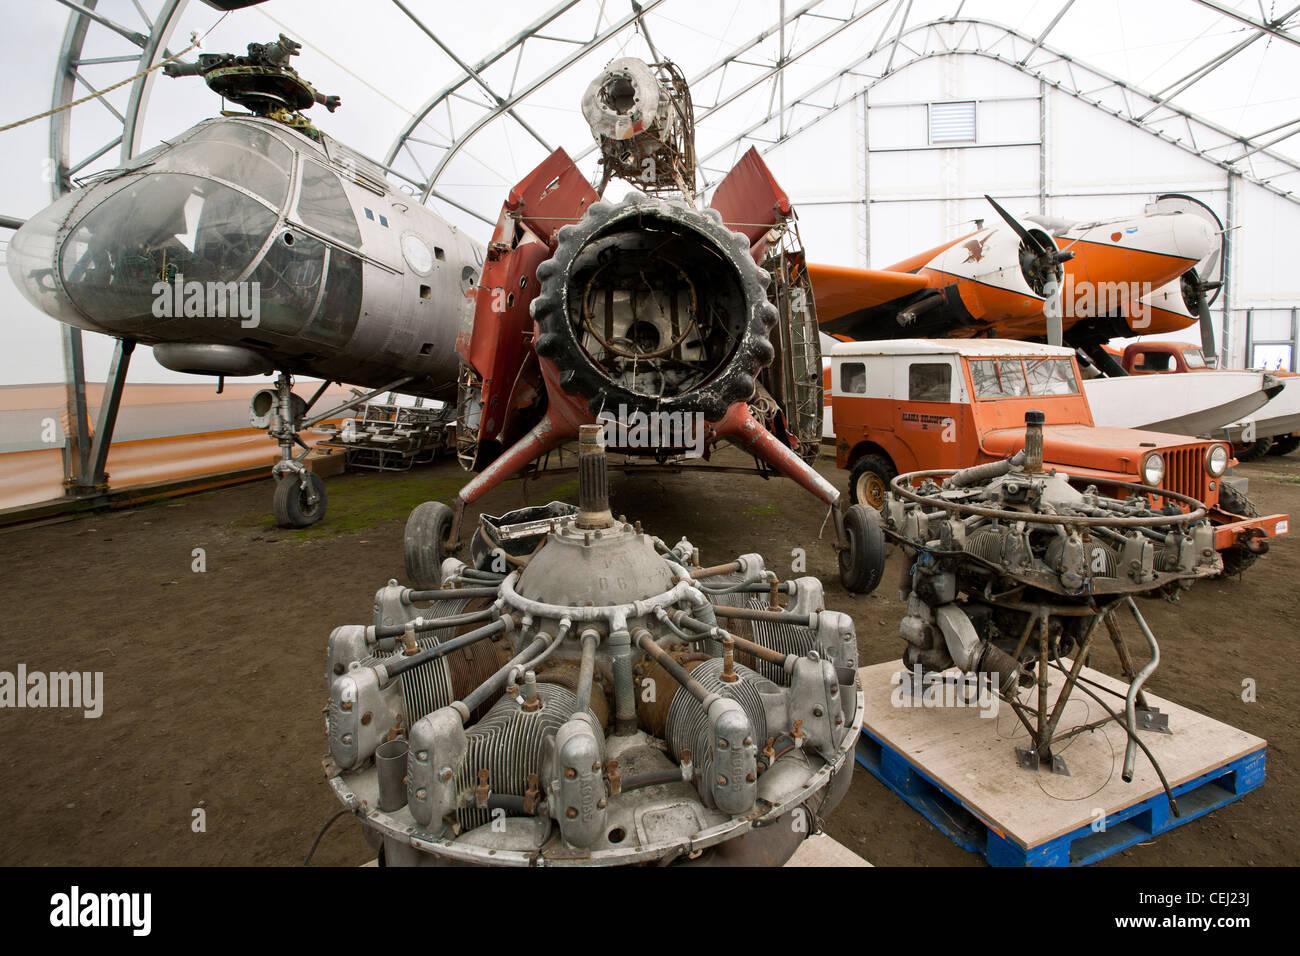 Vieux moteurs d'avion. Musée de l'aviation en Alaska. Anchorage. De l'Alaska. USA Banque D'Images